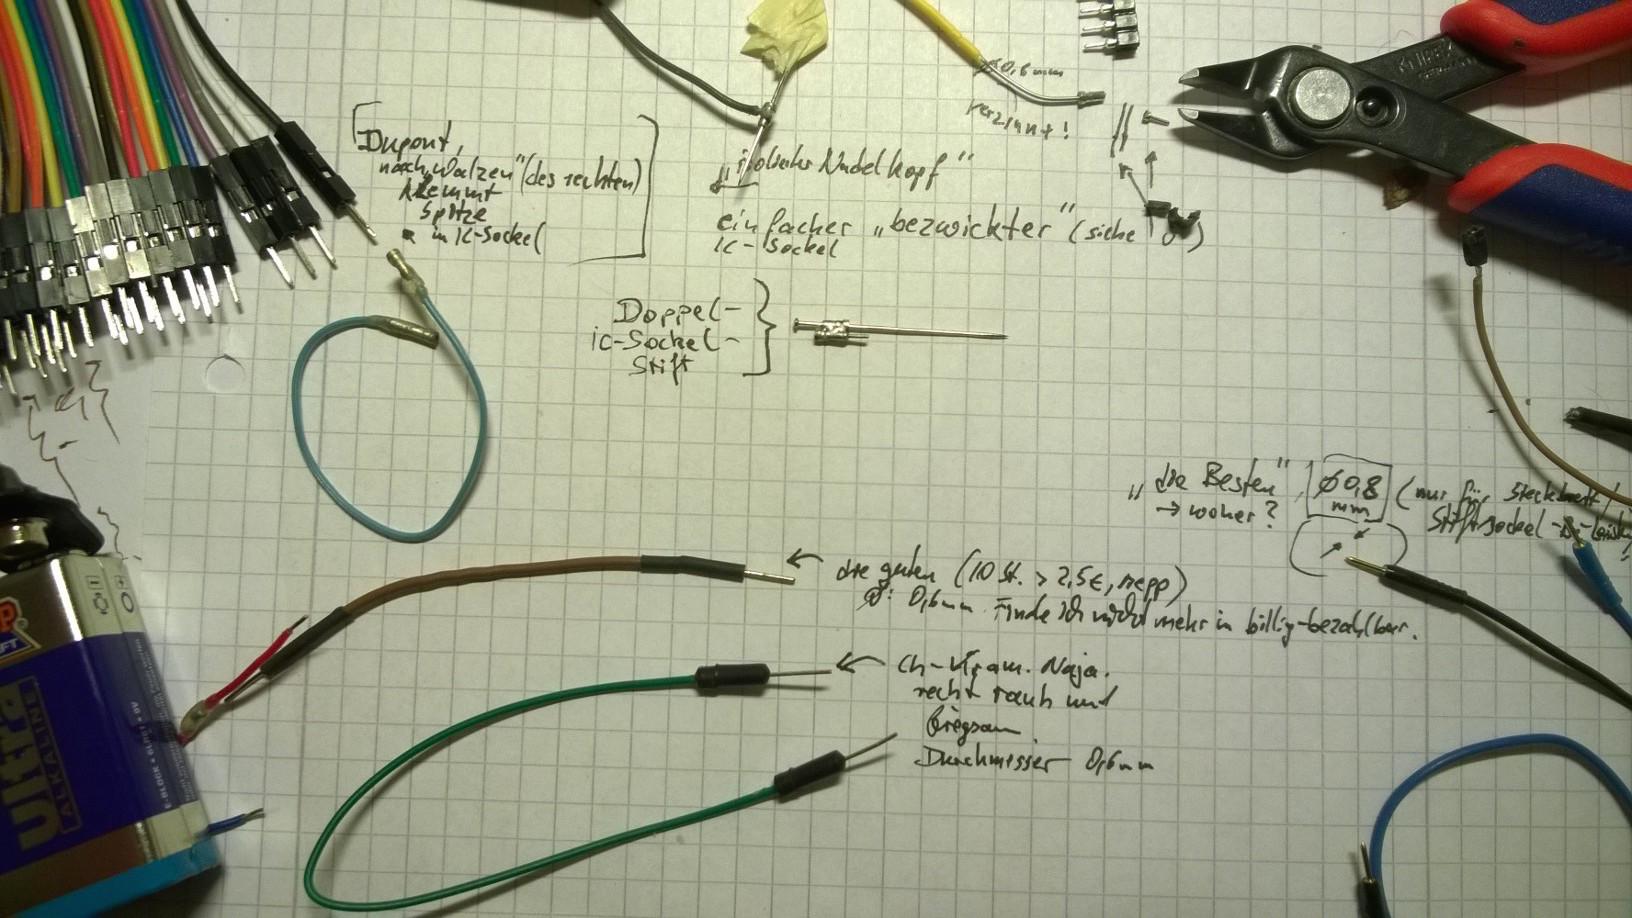 welcher Draht für Steckbrett? - Mikrocontroller.net